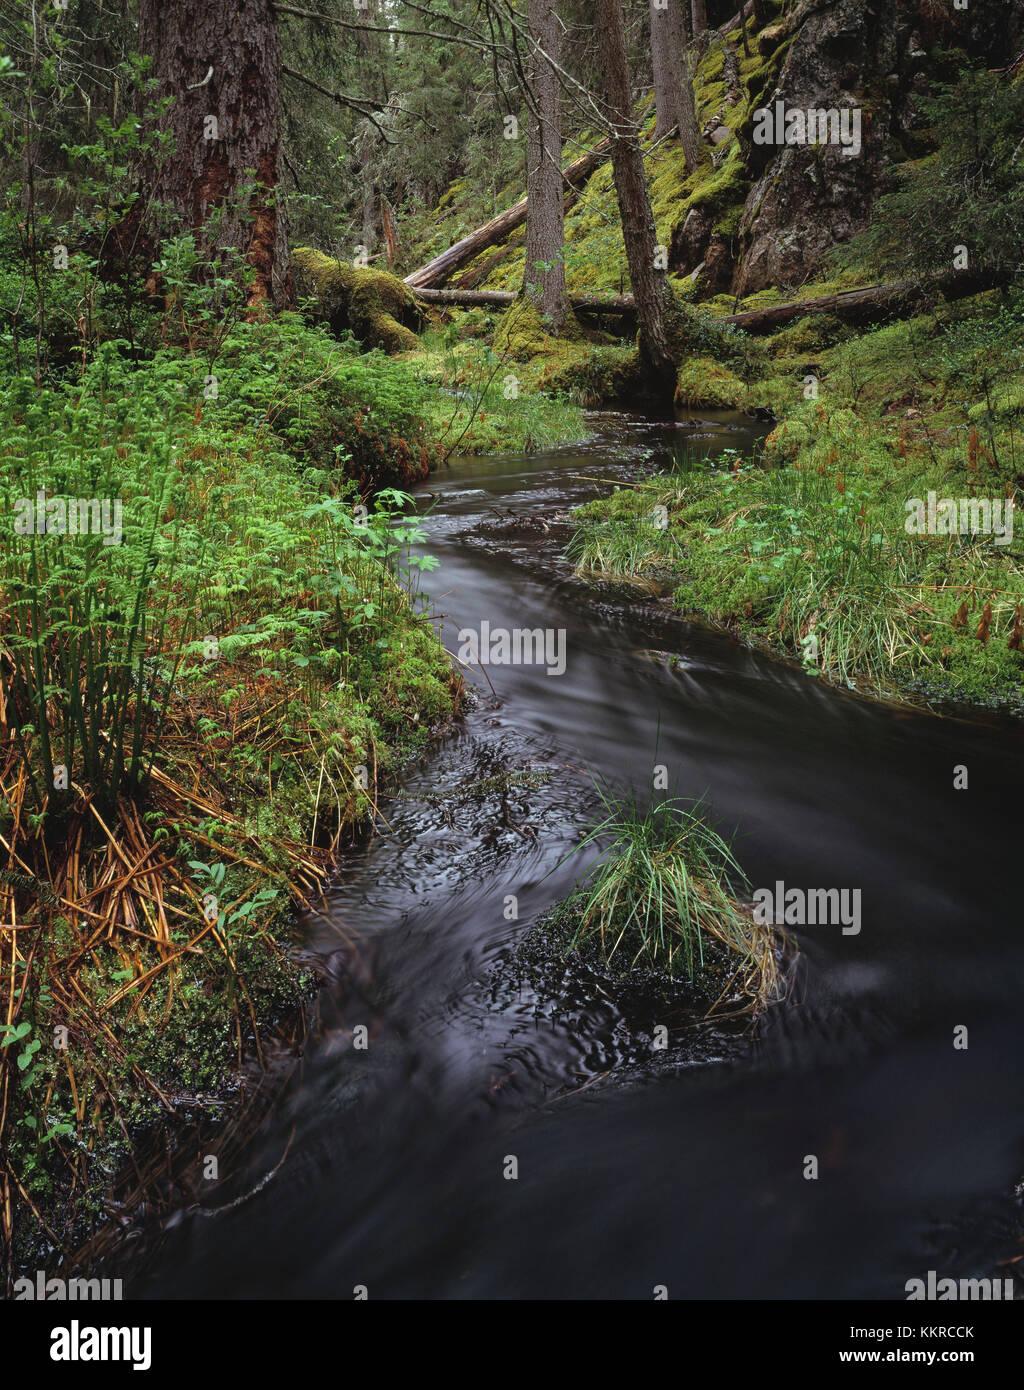 Sweden, Dalarna, Västra trollegrav, brook in primeval forest - Stock Image